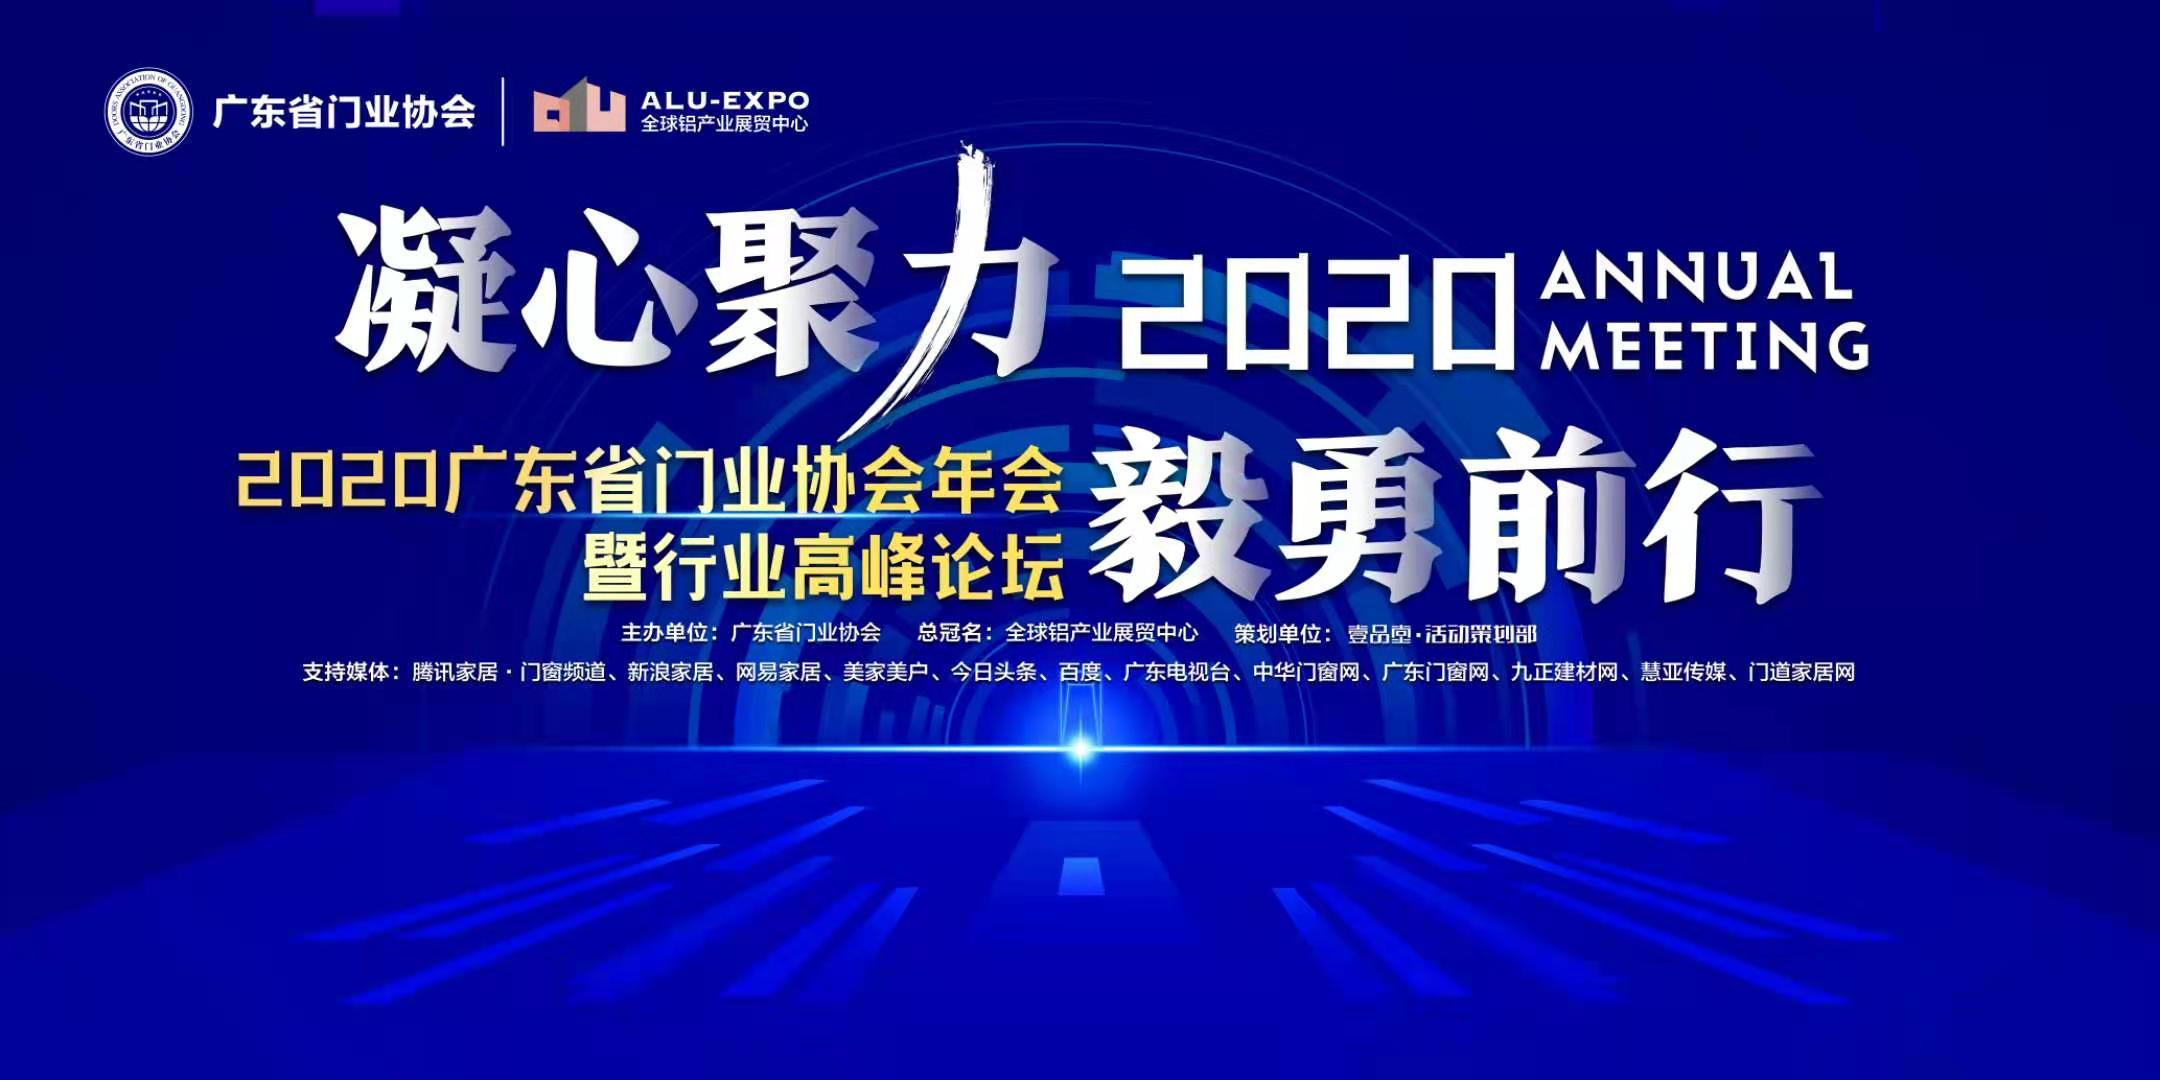 凝心聚力·毅勇前行|2020广东省门业协会年会暨行业高峰论坛成功举办